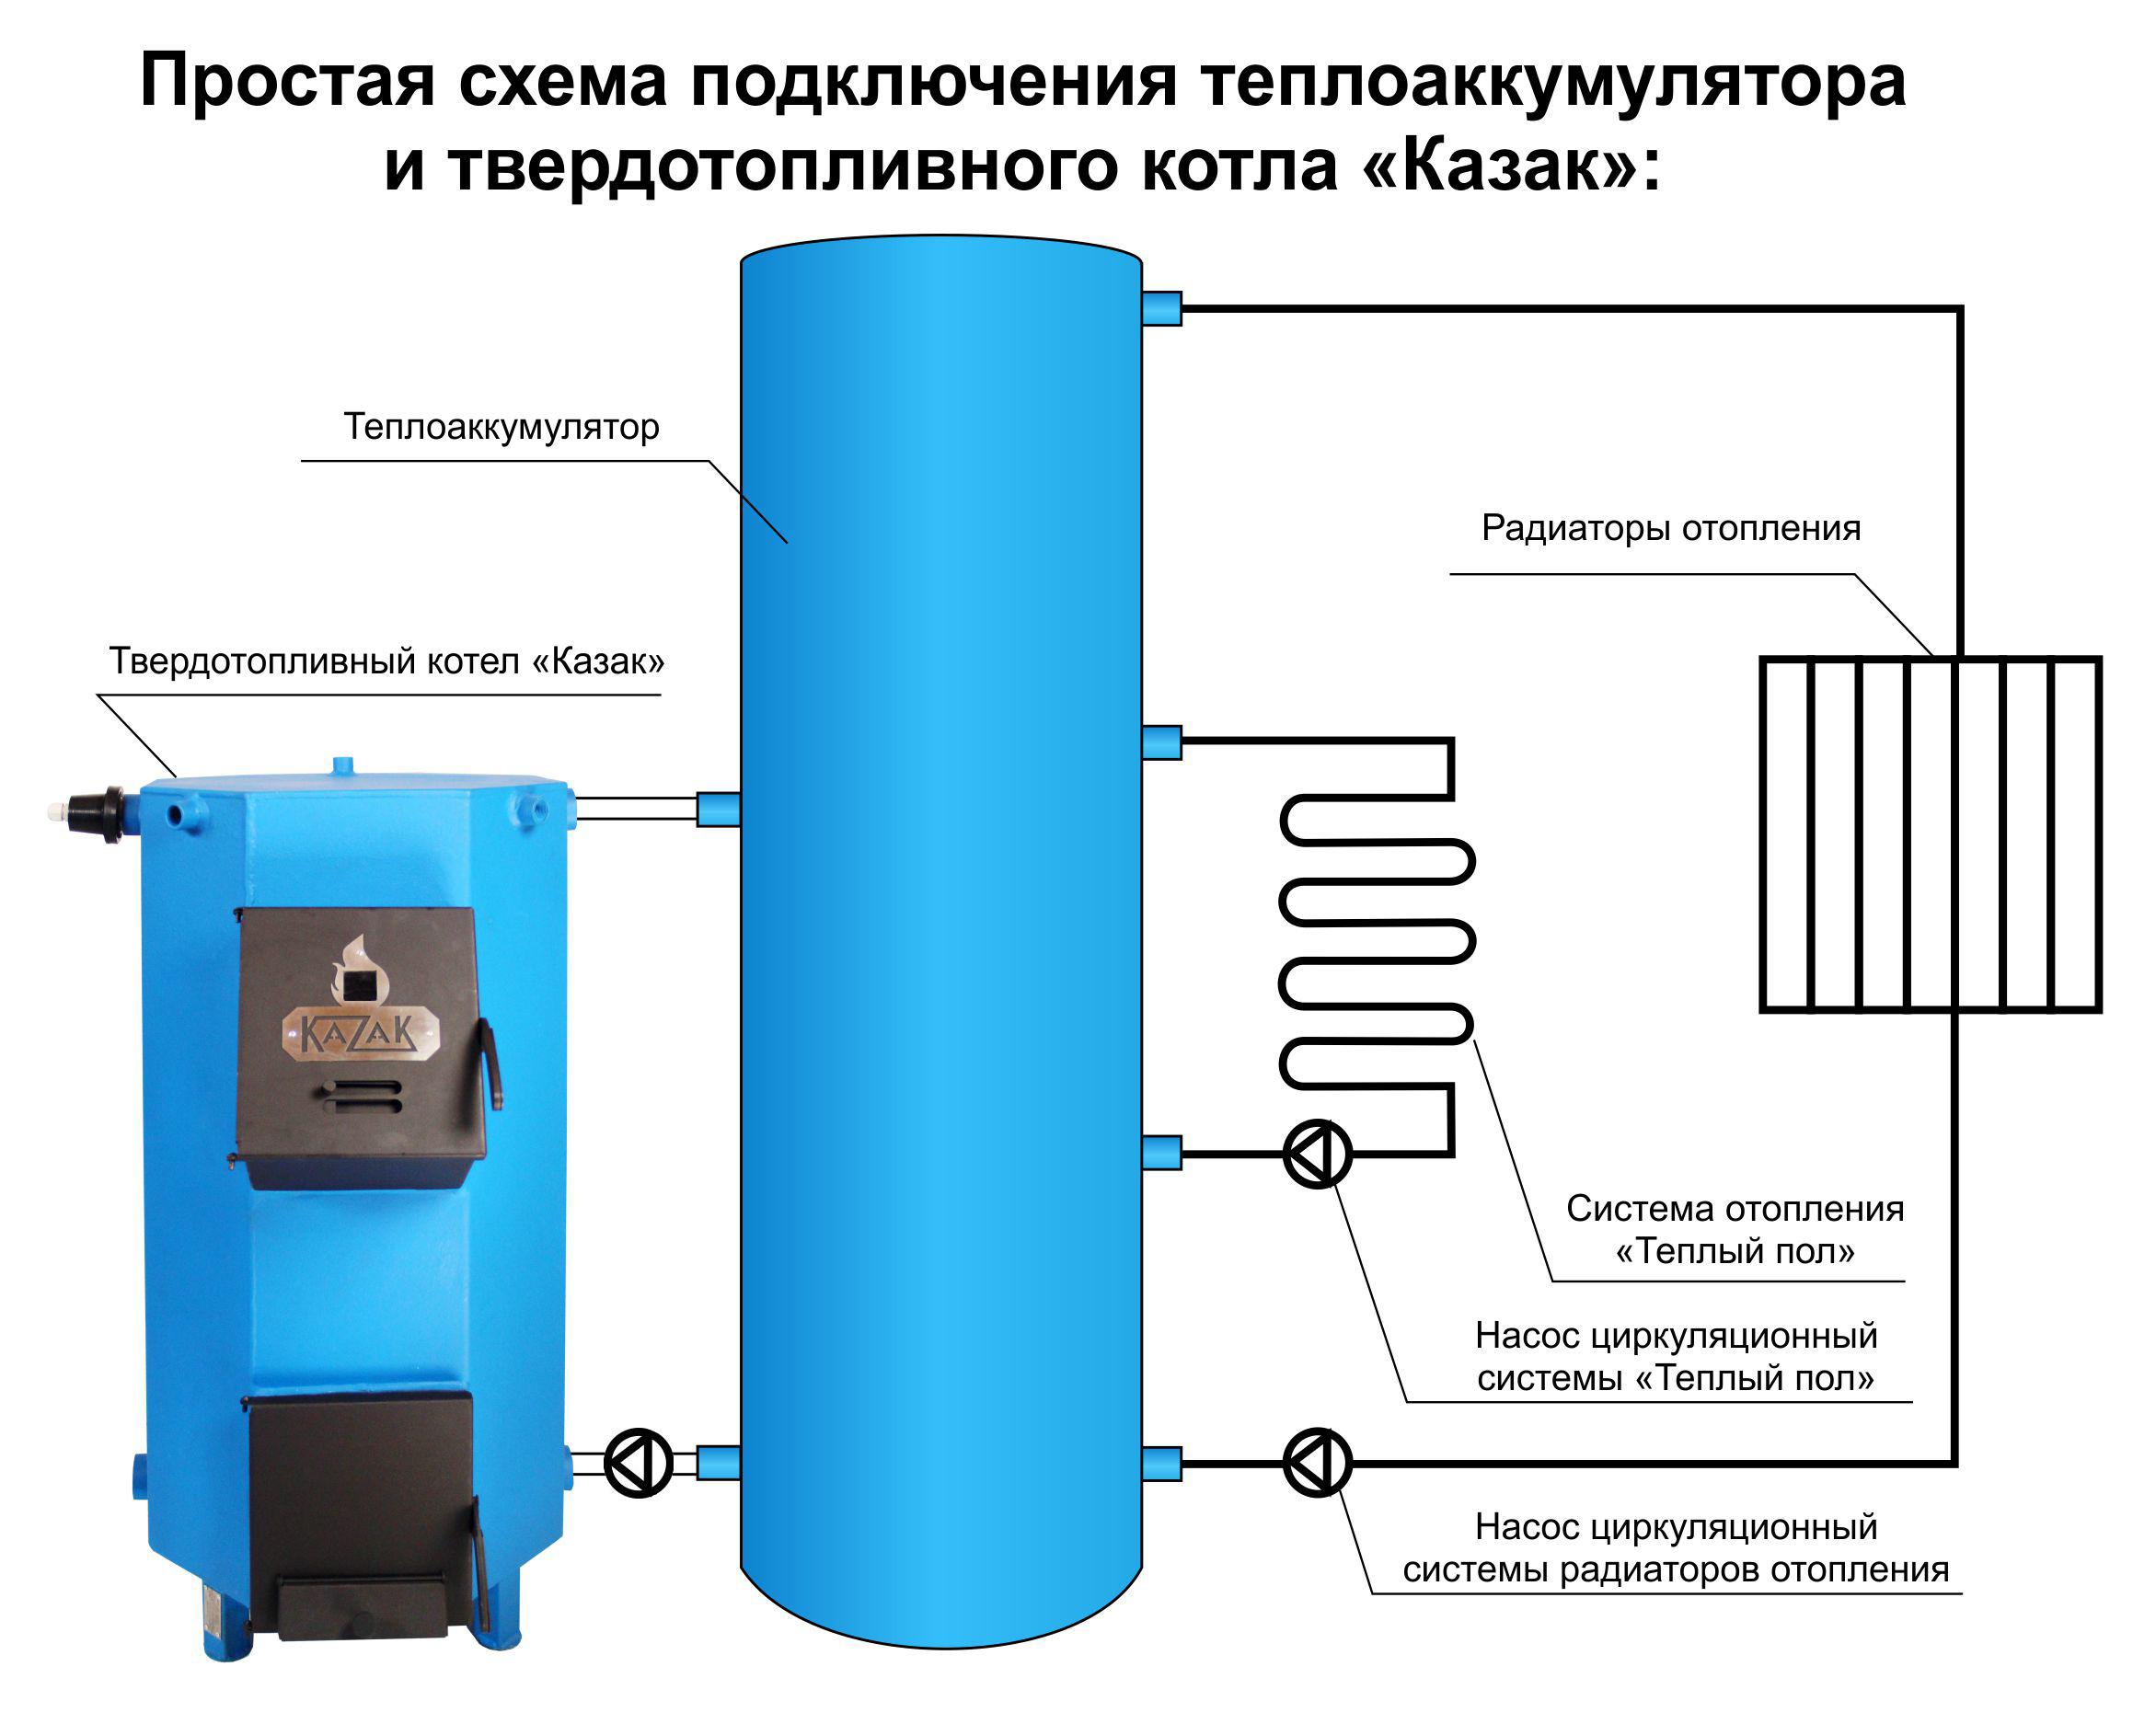 Простая схема подключения теплоаккумулятора